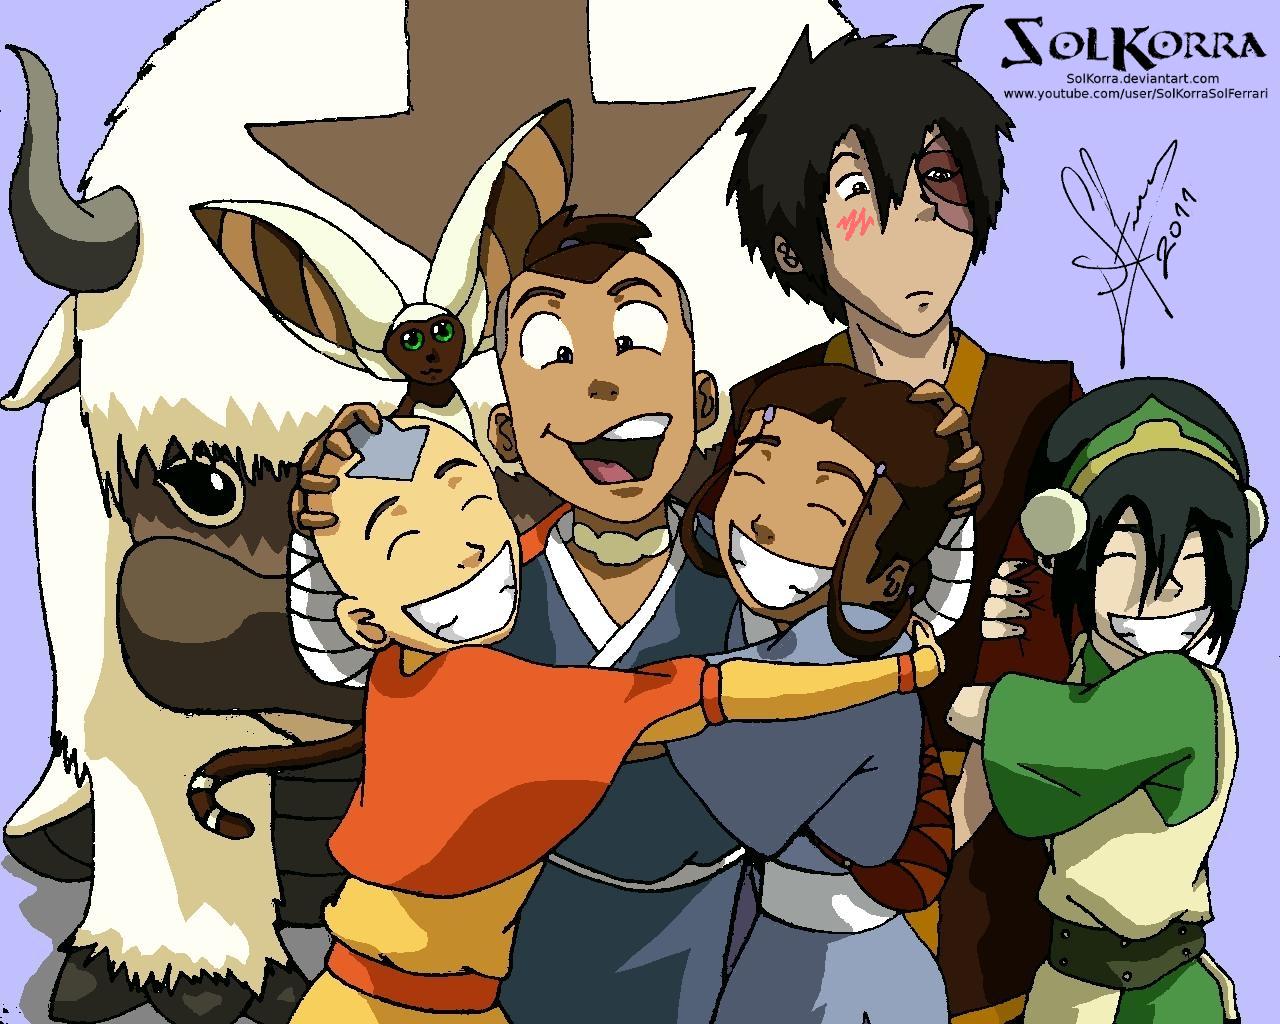 Team Avatar 2011 by SolKorra on DeviantArt: solkorra.deviantart.com/art/Team-Avatar-2011-343479327